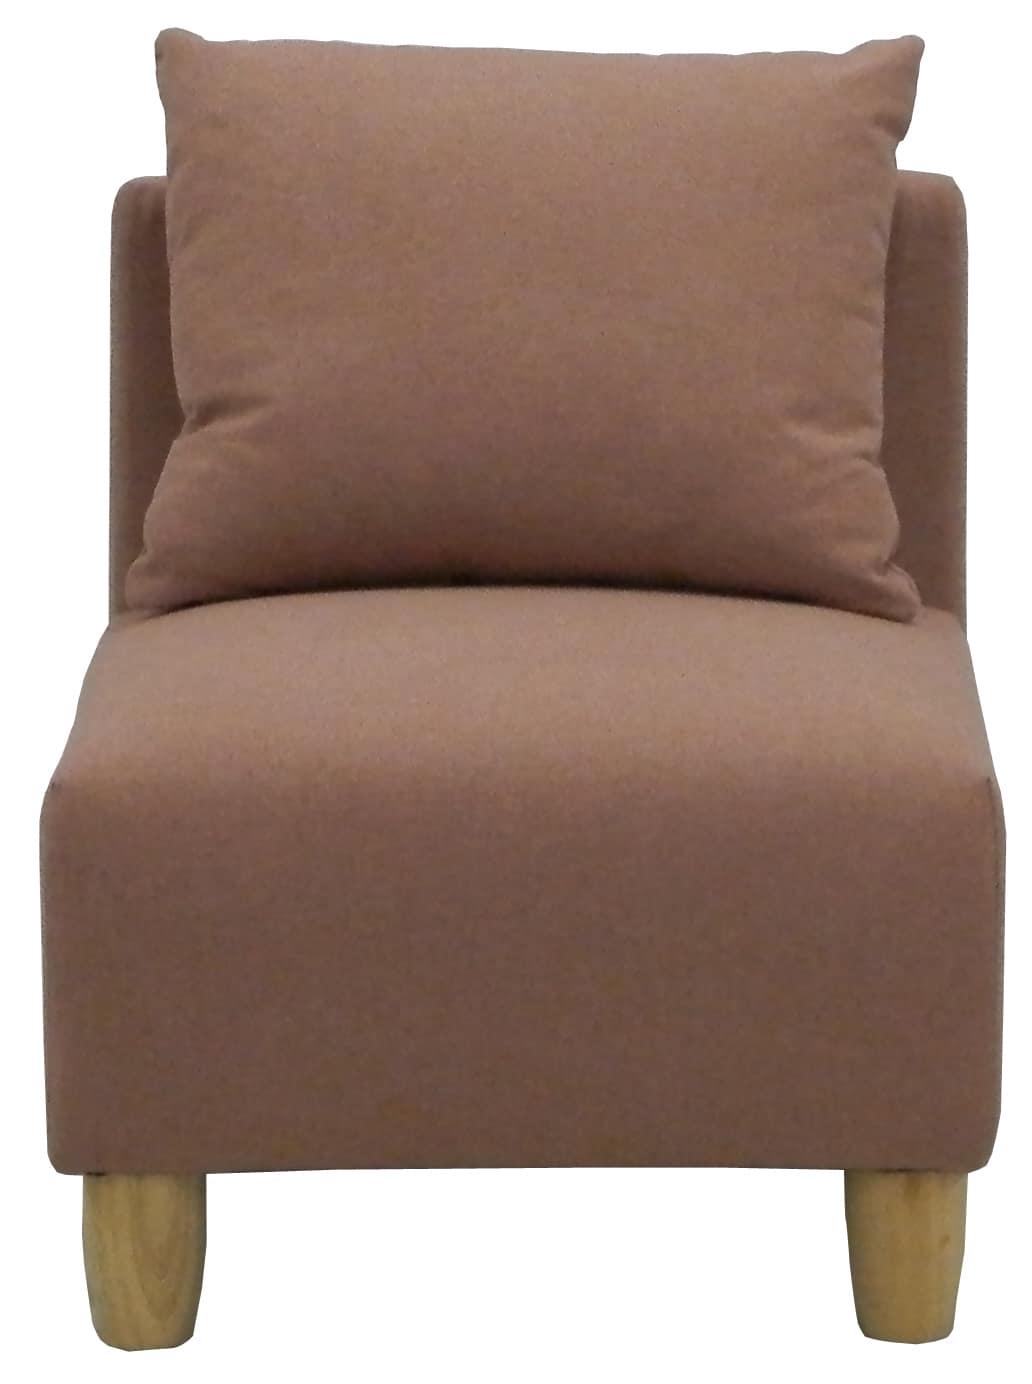 1人掛けソファ リベルタ ローズ:《座り心地抜群のソファー「リベルタ」》